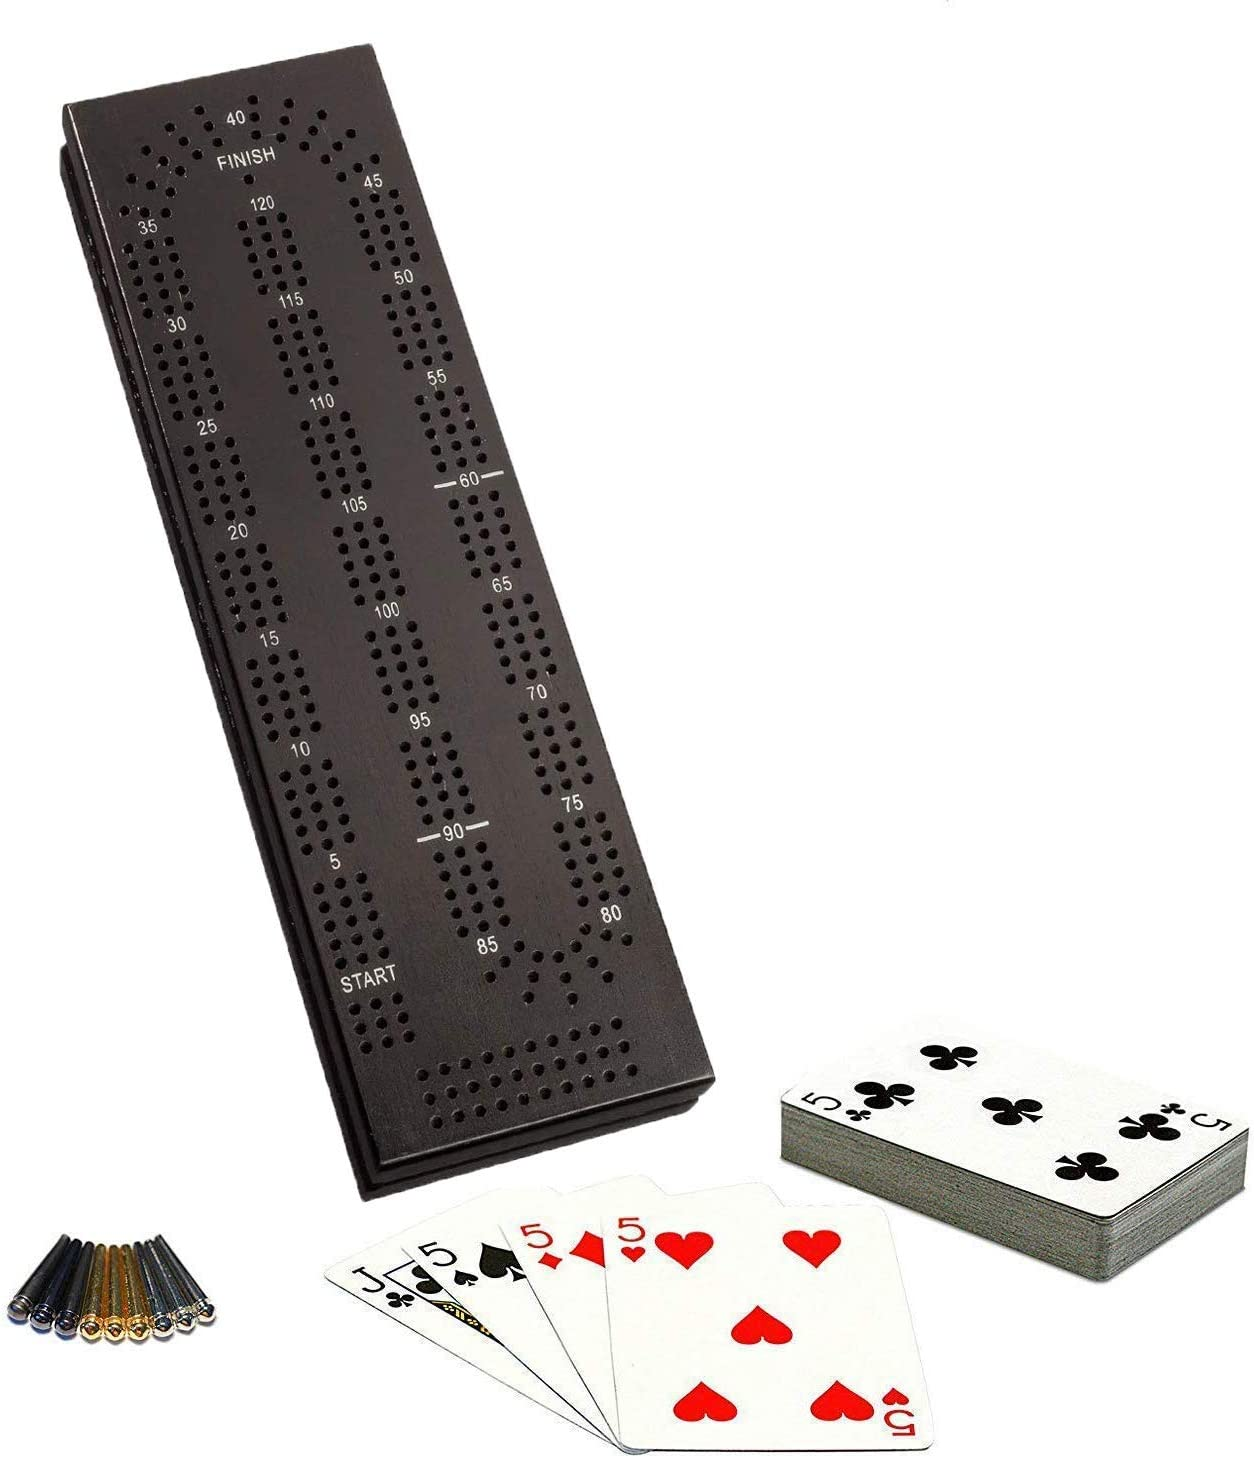 WE Gamesキャビネットクリベッジセット – ソリッドウッド – ブラックステイン – 連続3トラックボード 簡単グリップペグ カード ストレージエリア